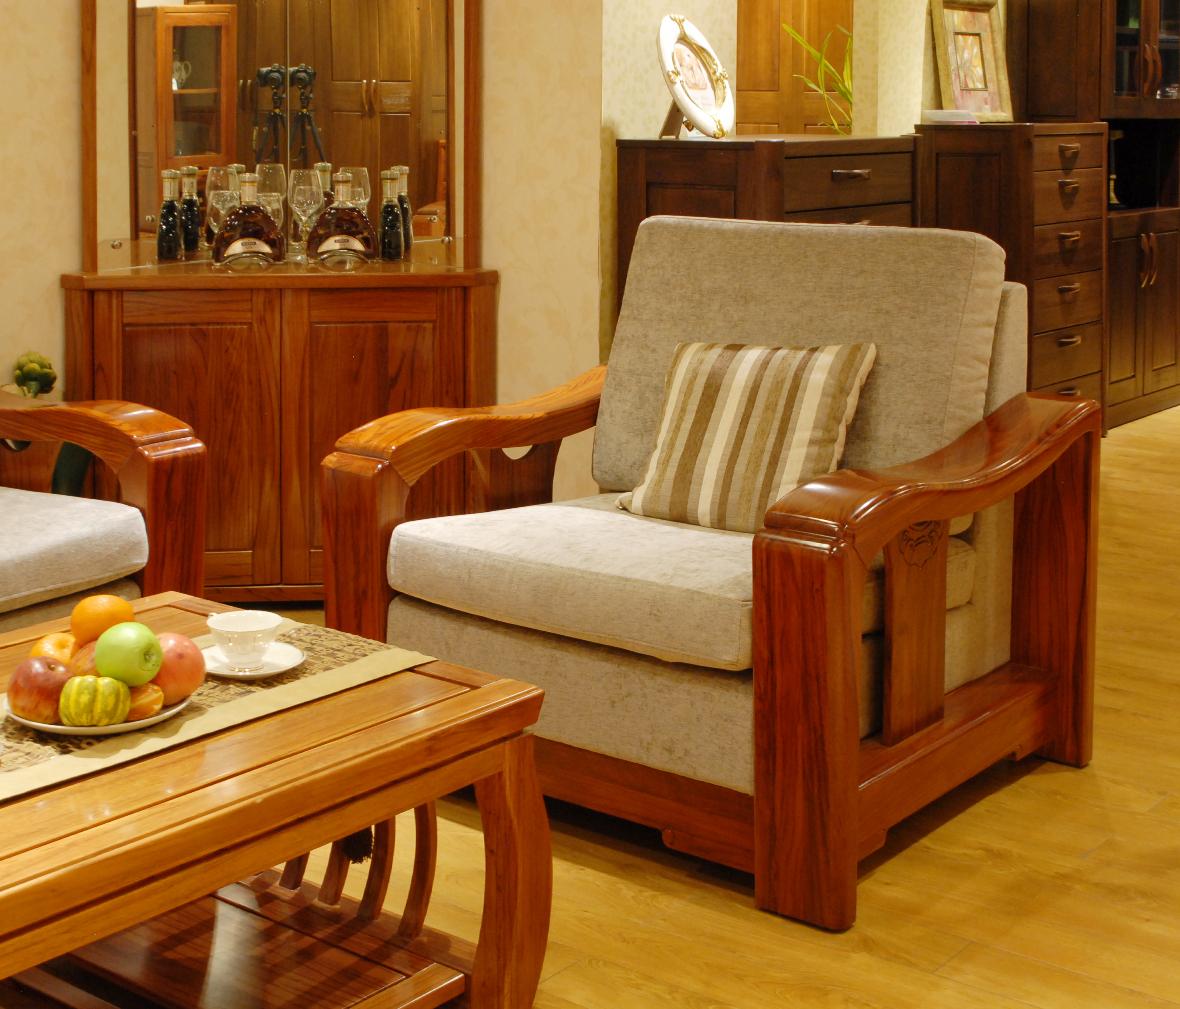 简约单人沙发木